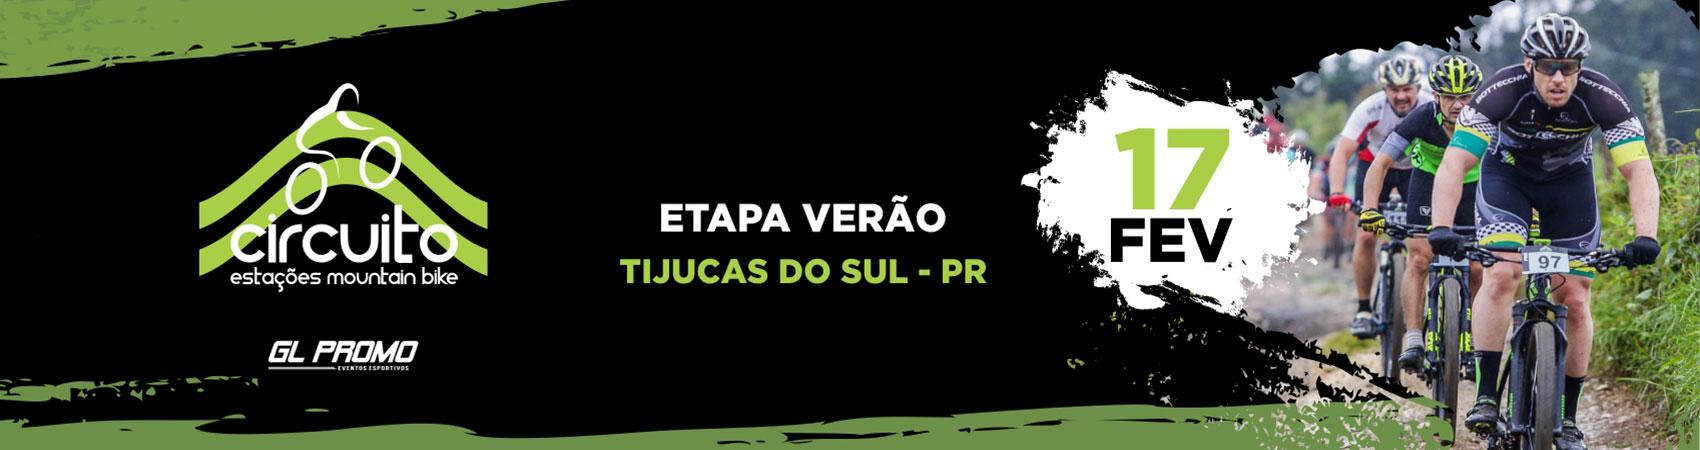 57dbf4ae9 CIRCUITO ESTAÇÕES MOUNTAIN BIKE 2019 - ETAPA VERÃO